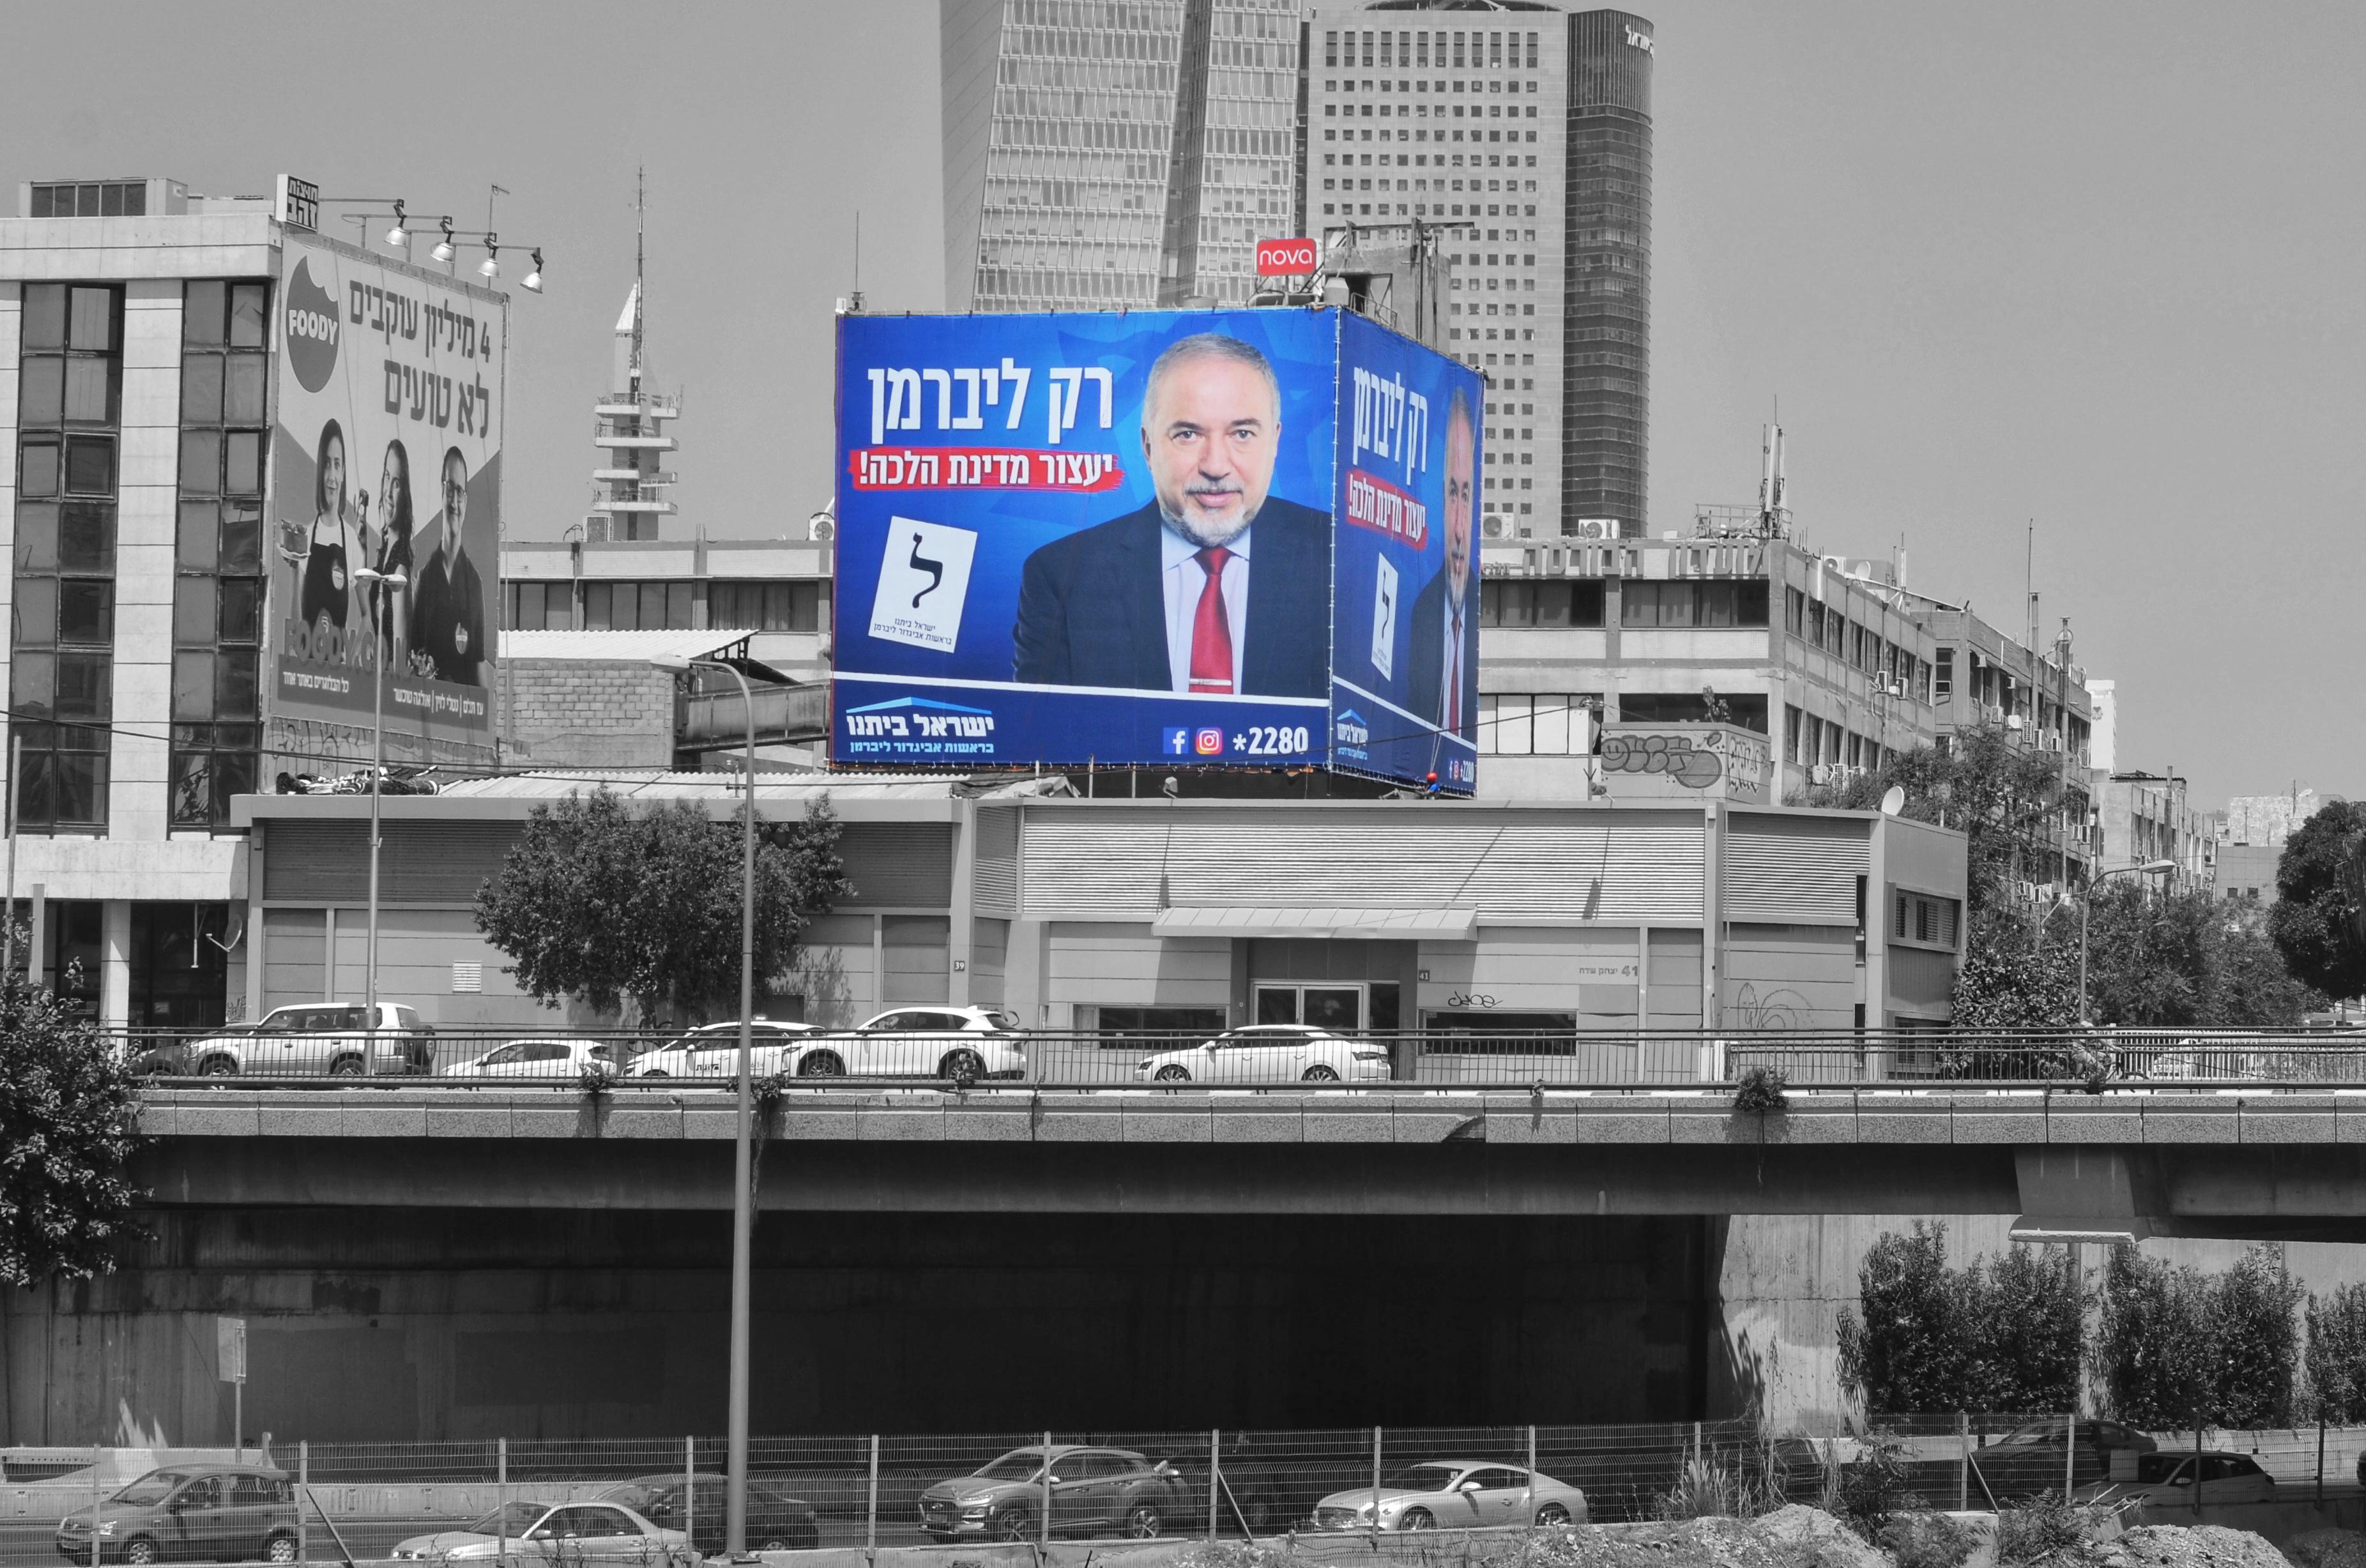 ישראל ביתנו שלטי חוצות באיילון